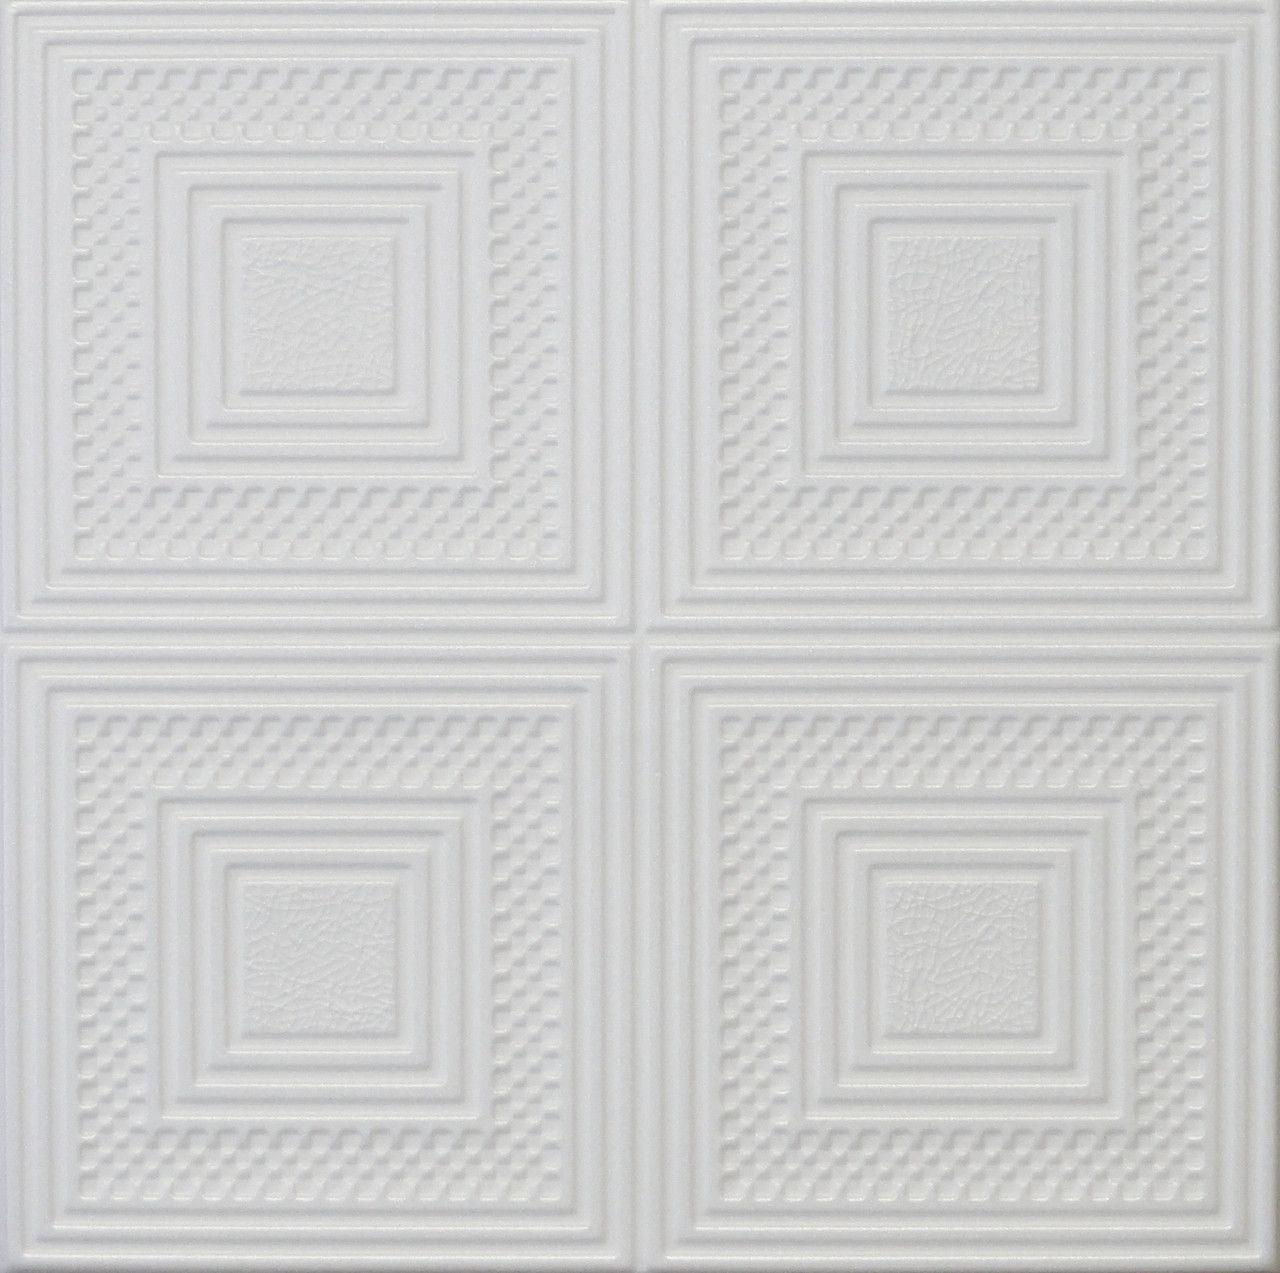 Styrofoam Ceiling Tile 20x 20 R11 Styrofoam Ceiling Tiles